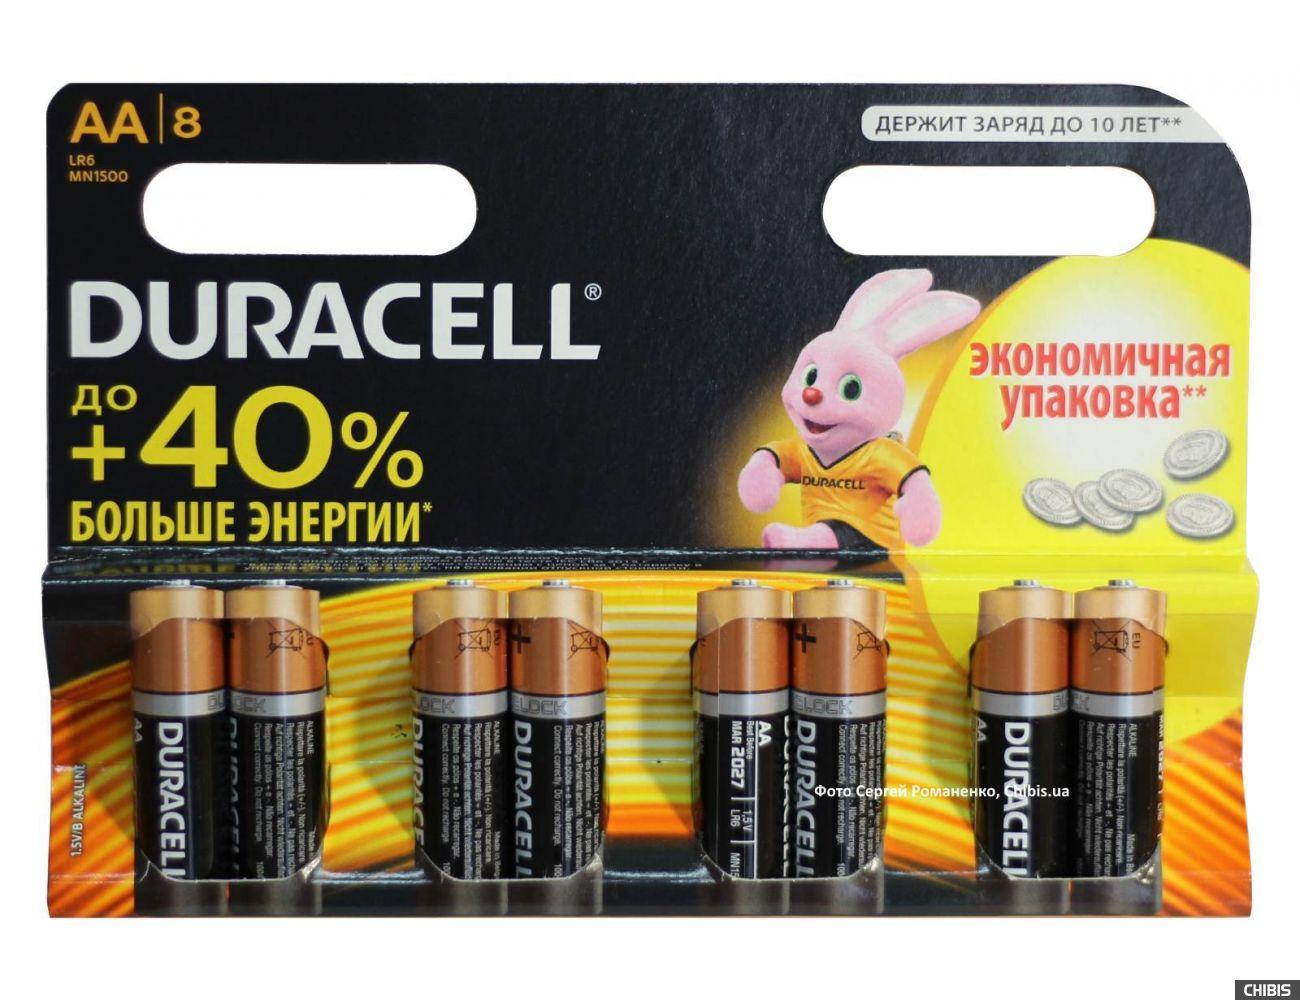 Батарейка Duracell AA Basic 8 шт 1.5V экономная упаковка